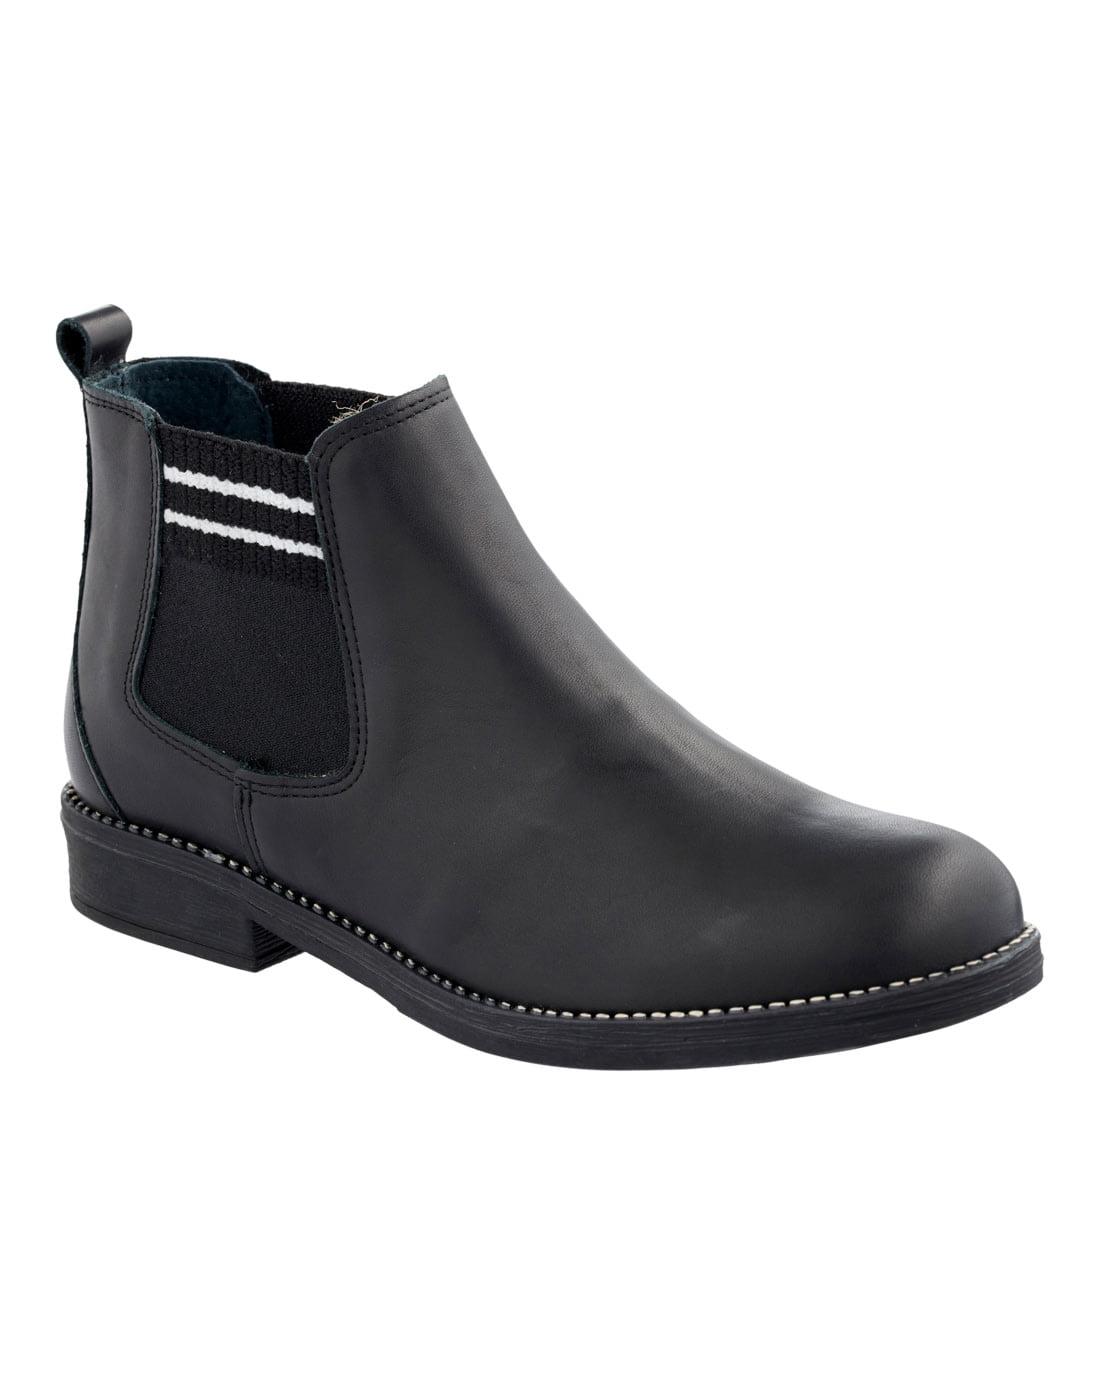 Image of   Brenda kort støvle